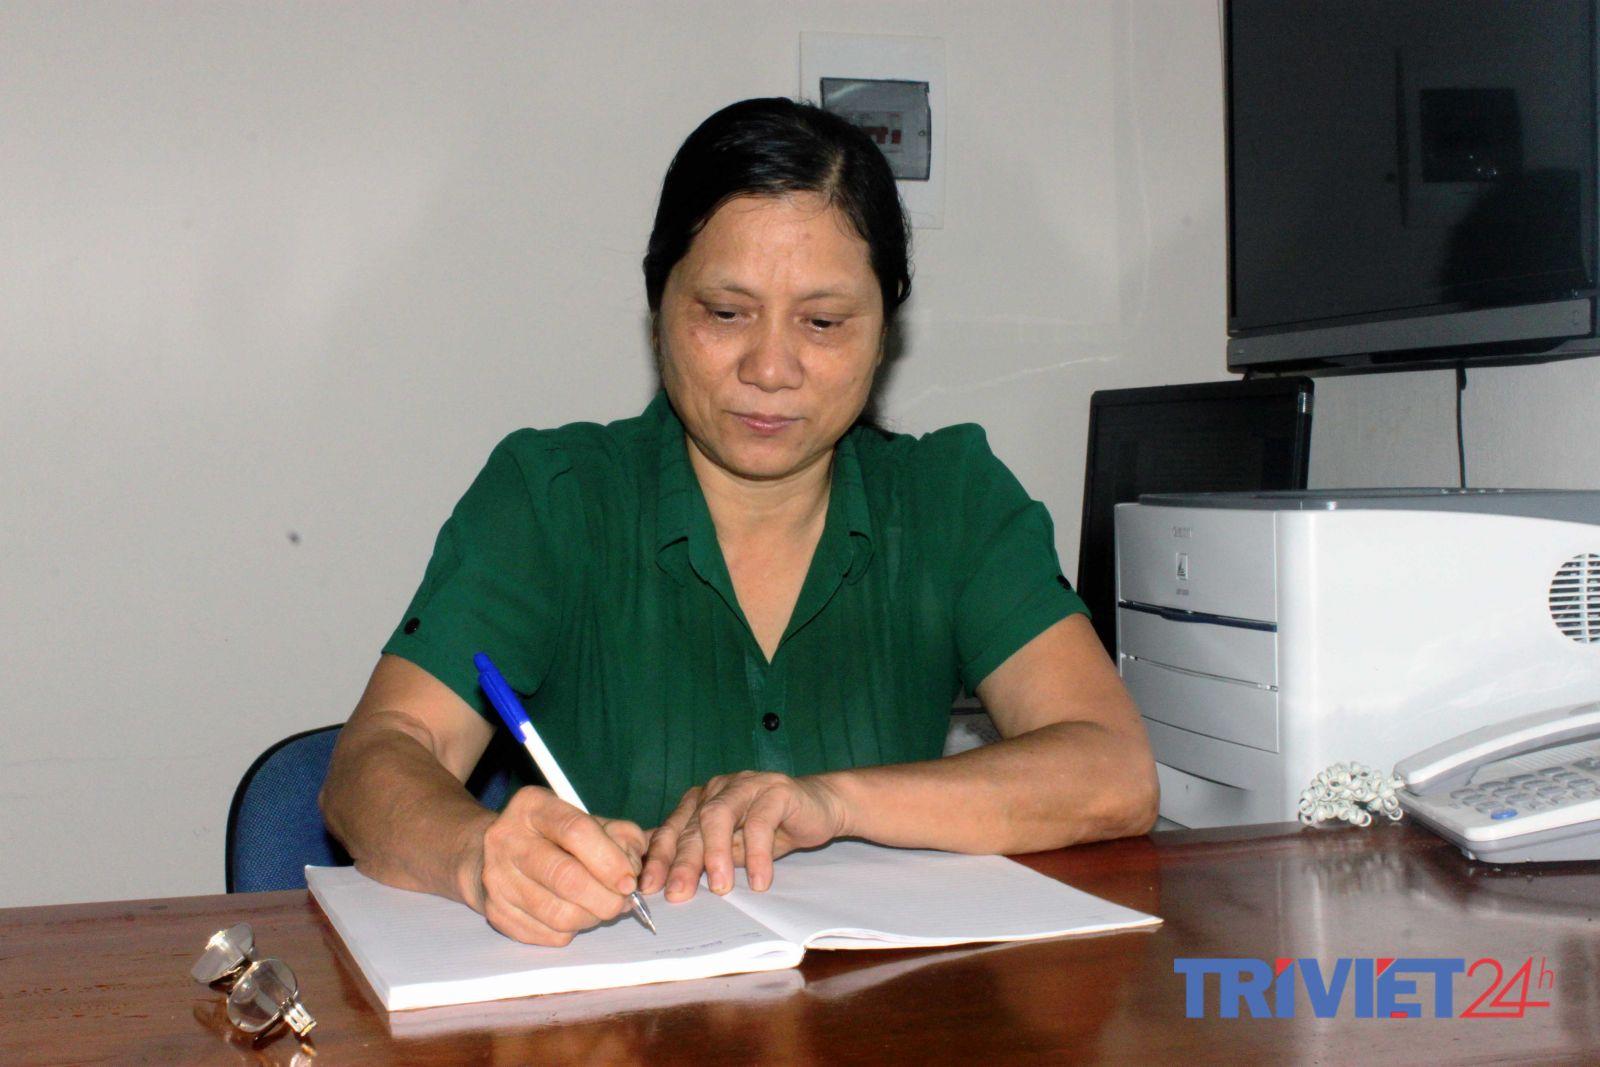 Bà Nguyễn Thị Liệu – Chủ tịch HĐQT Quỹ TDND Sơn Long tại phòng làm việc